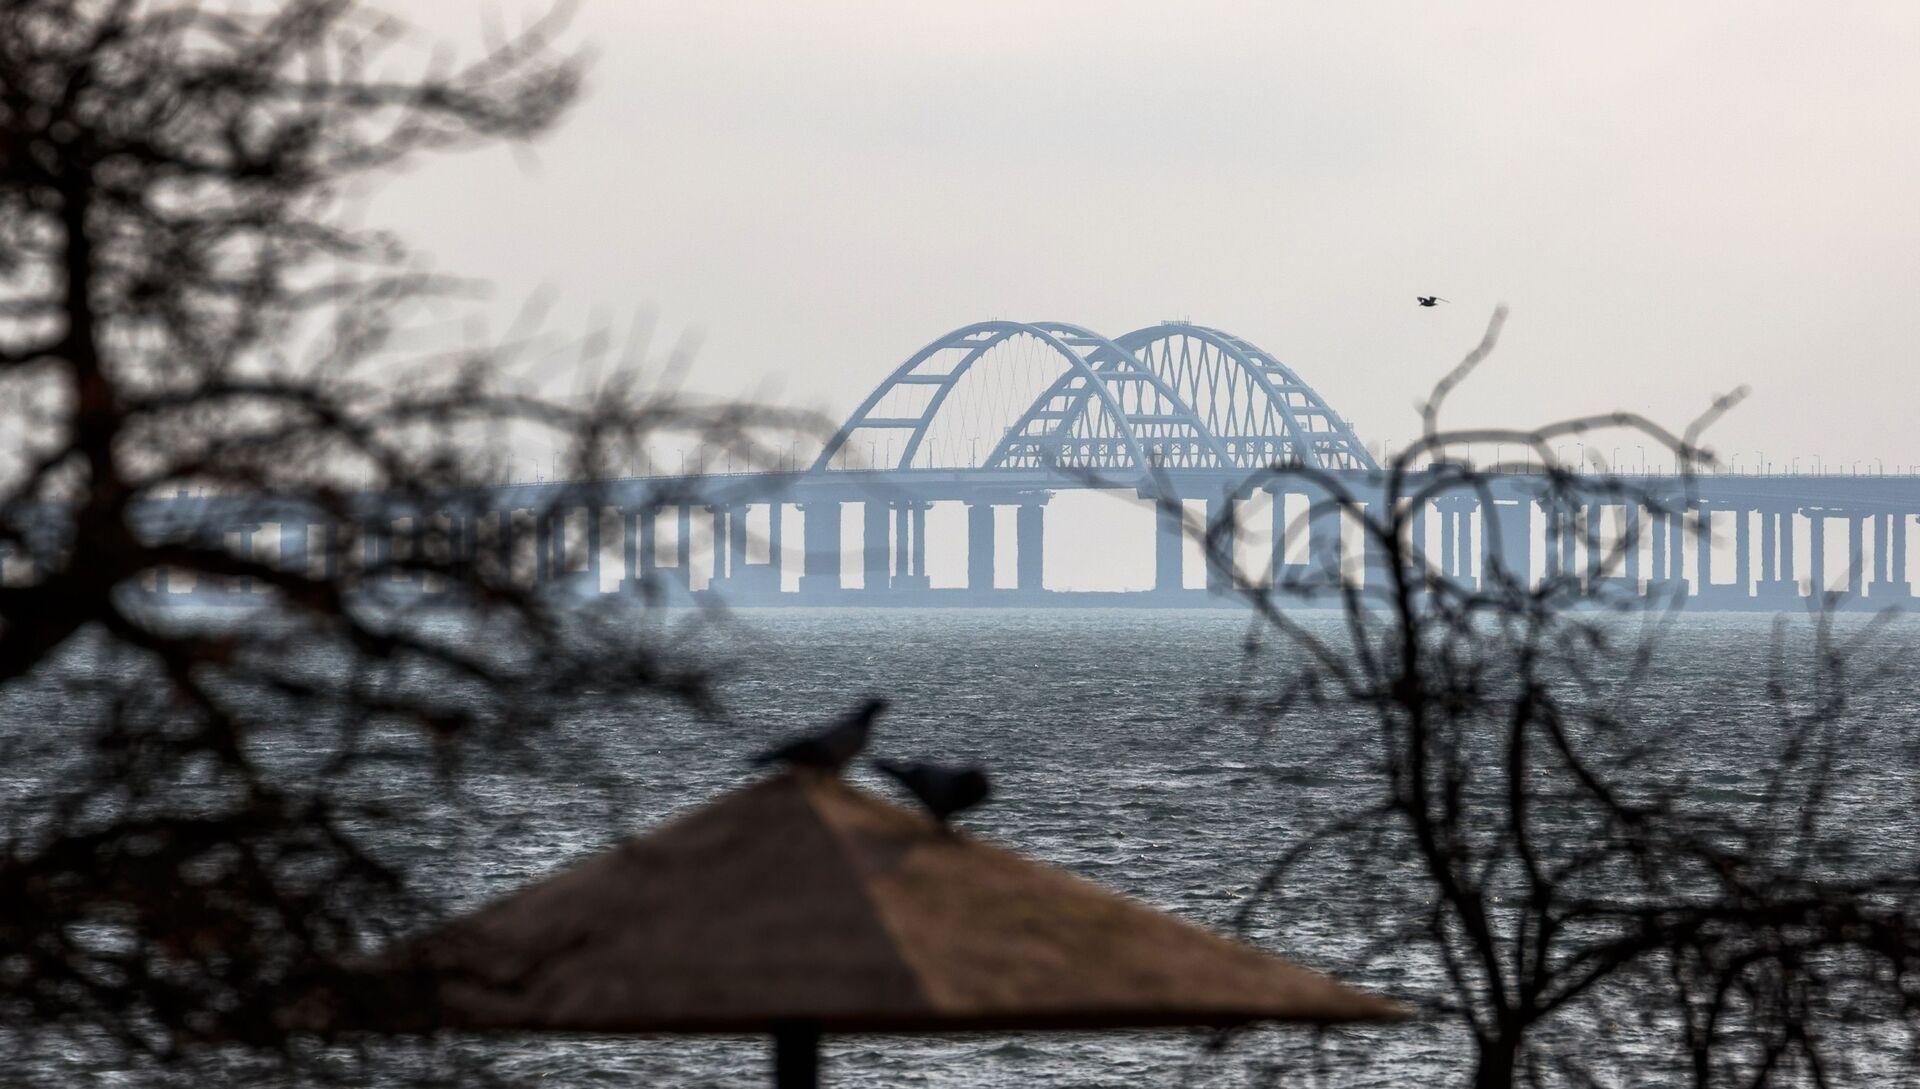 Вид на Крымский мост со стороны Керчи - РИА Новости, 1920, 29.12.2019